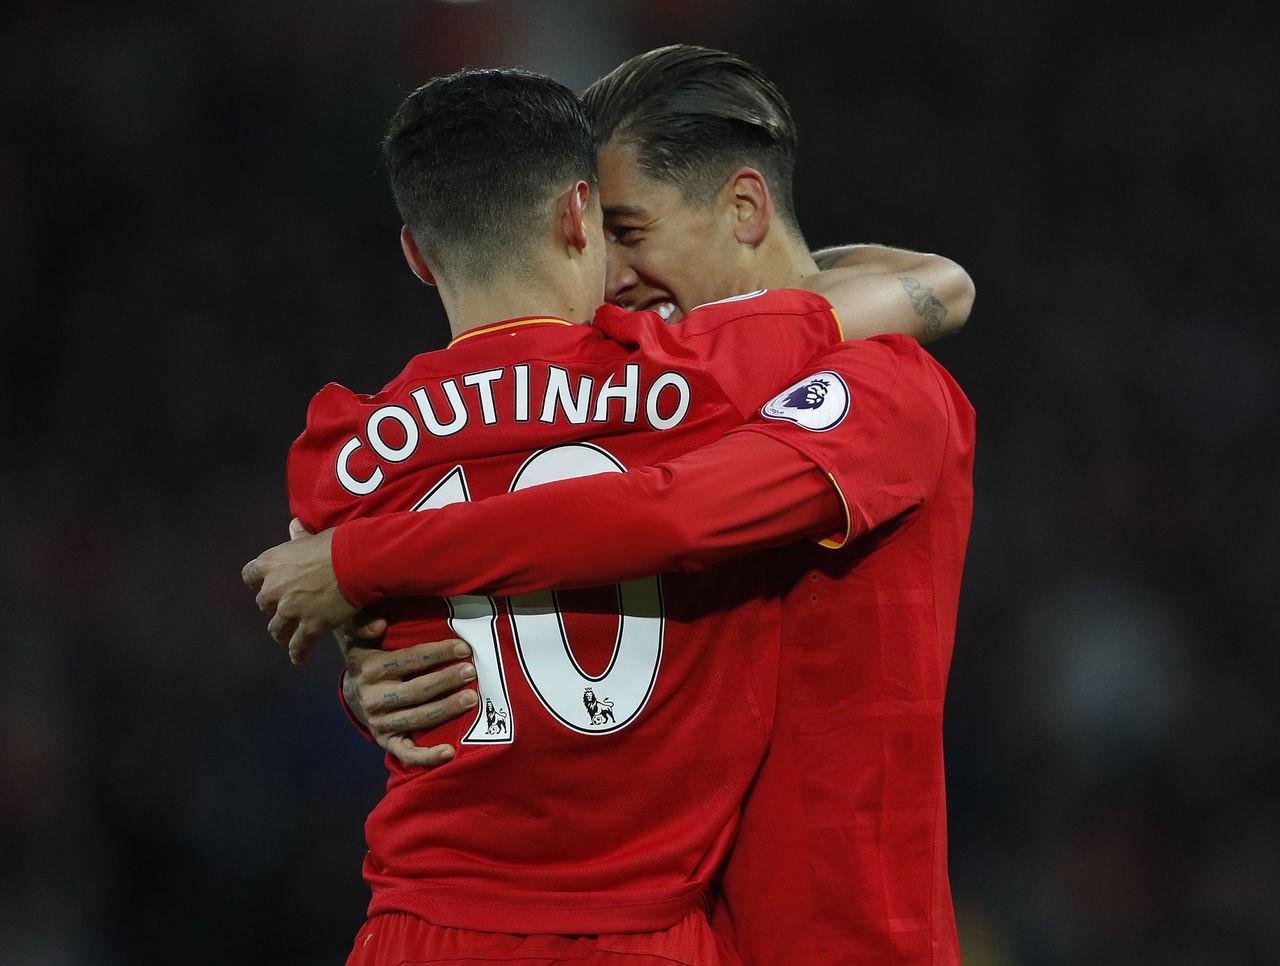 Hình ảnh: Coutinho và Firmino hoàn toàn có thể gánh vác trọng trách ghi bàn nếu Salah vắng mặt